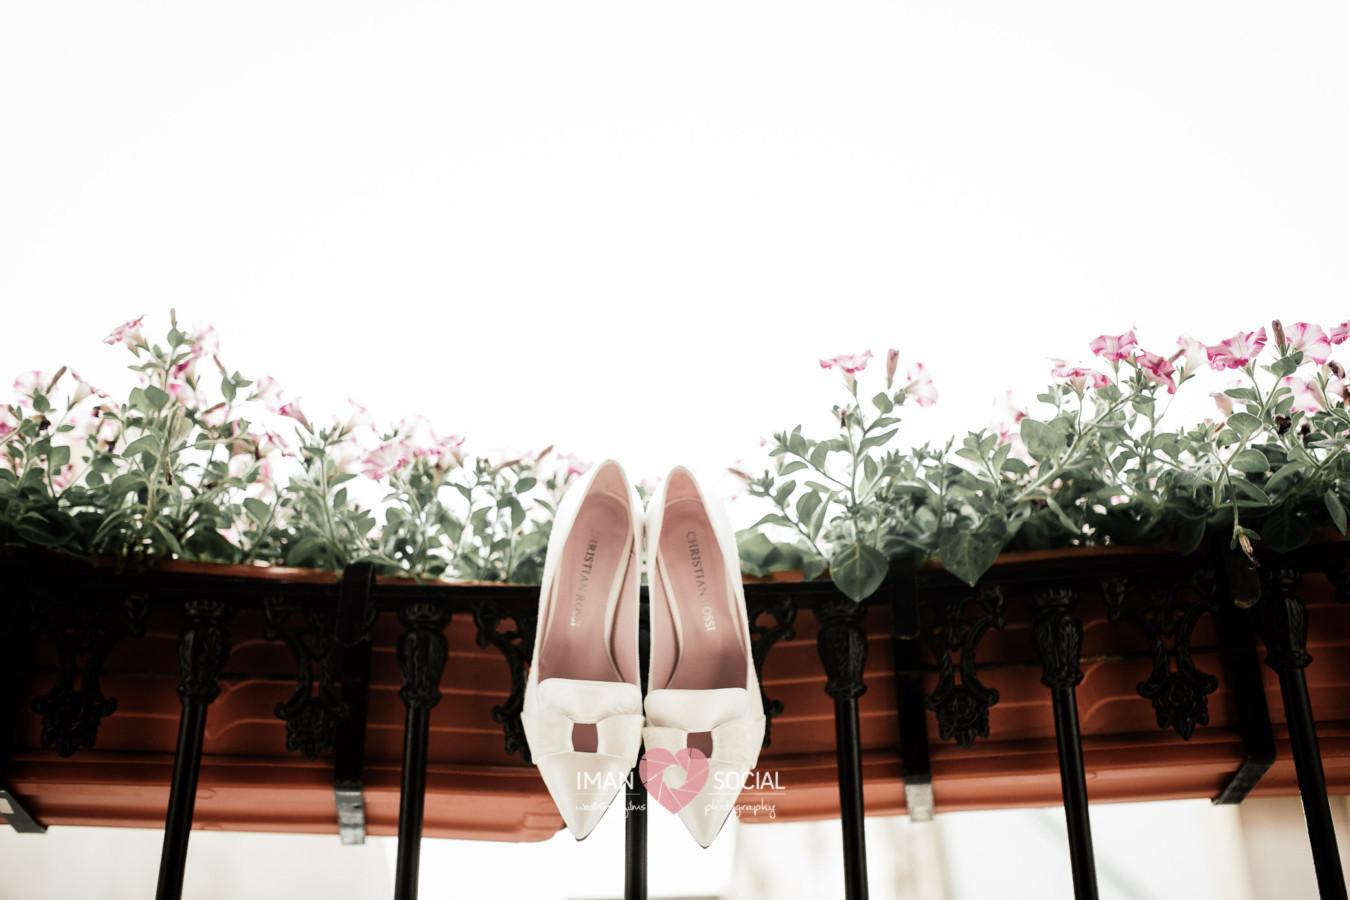 fotografo-de-boda-en-cordoba-sevilla-posadas-boda-auxi-y-antonio-15 Auxi & Antonio, primera boda de la temporada - video boda cordoba